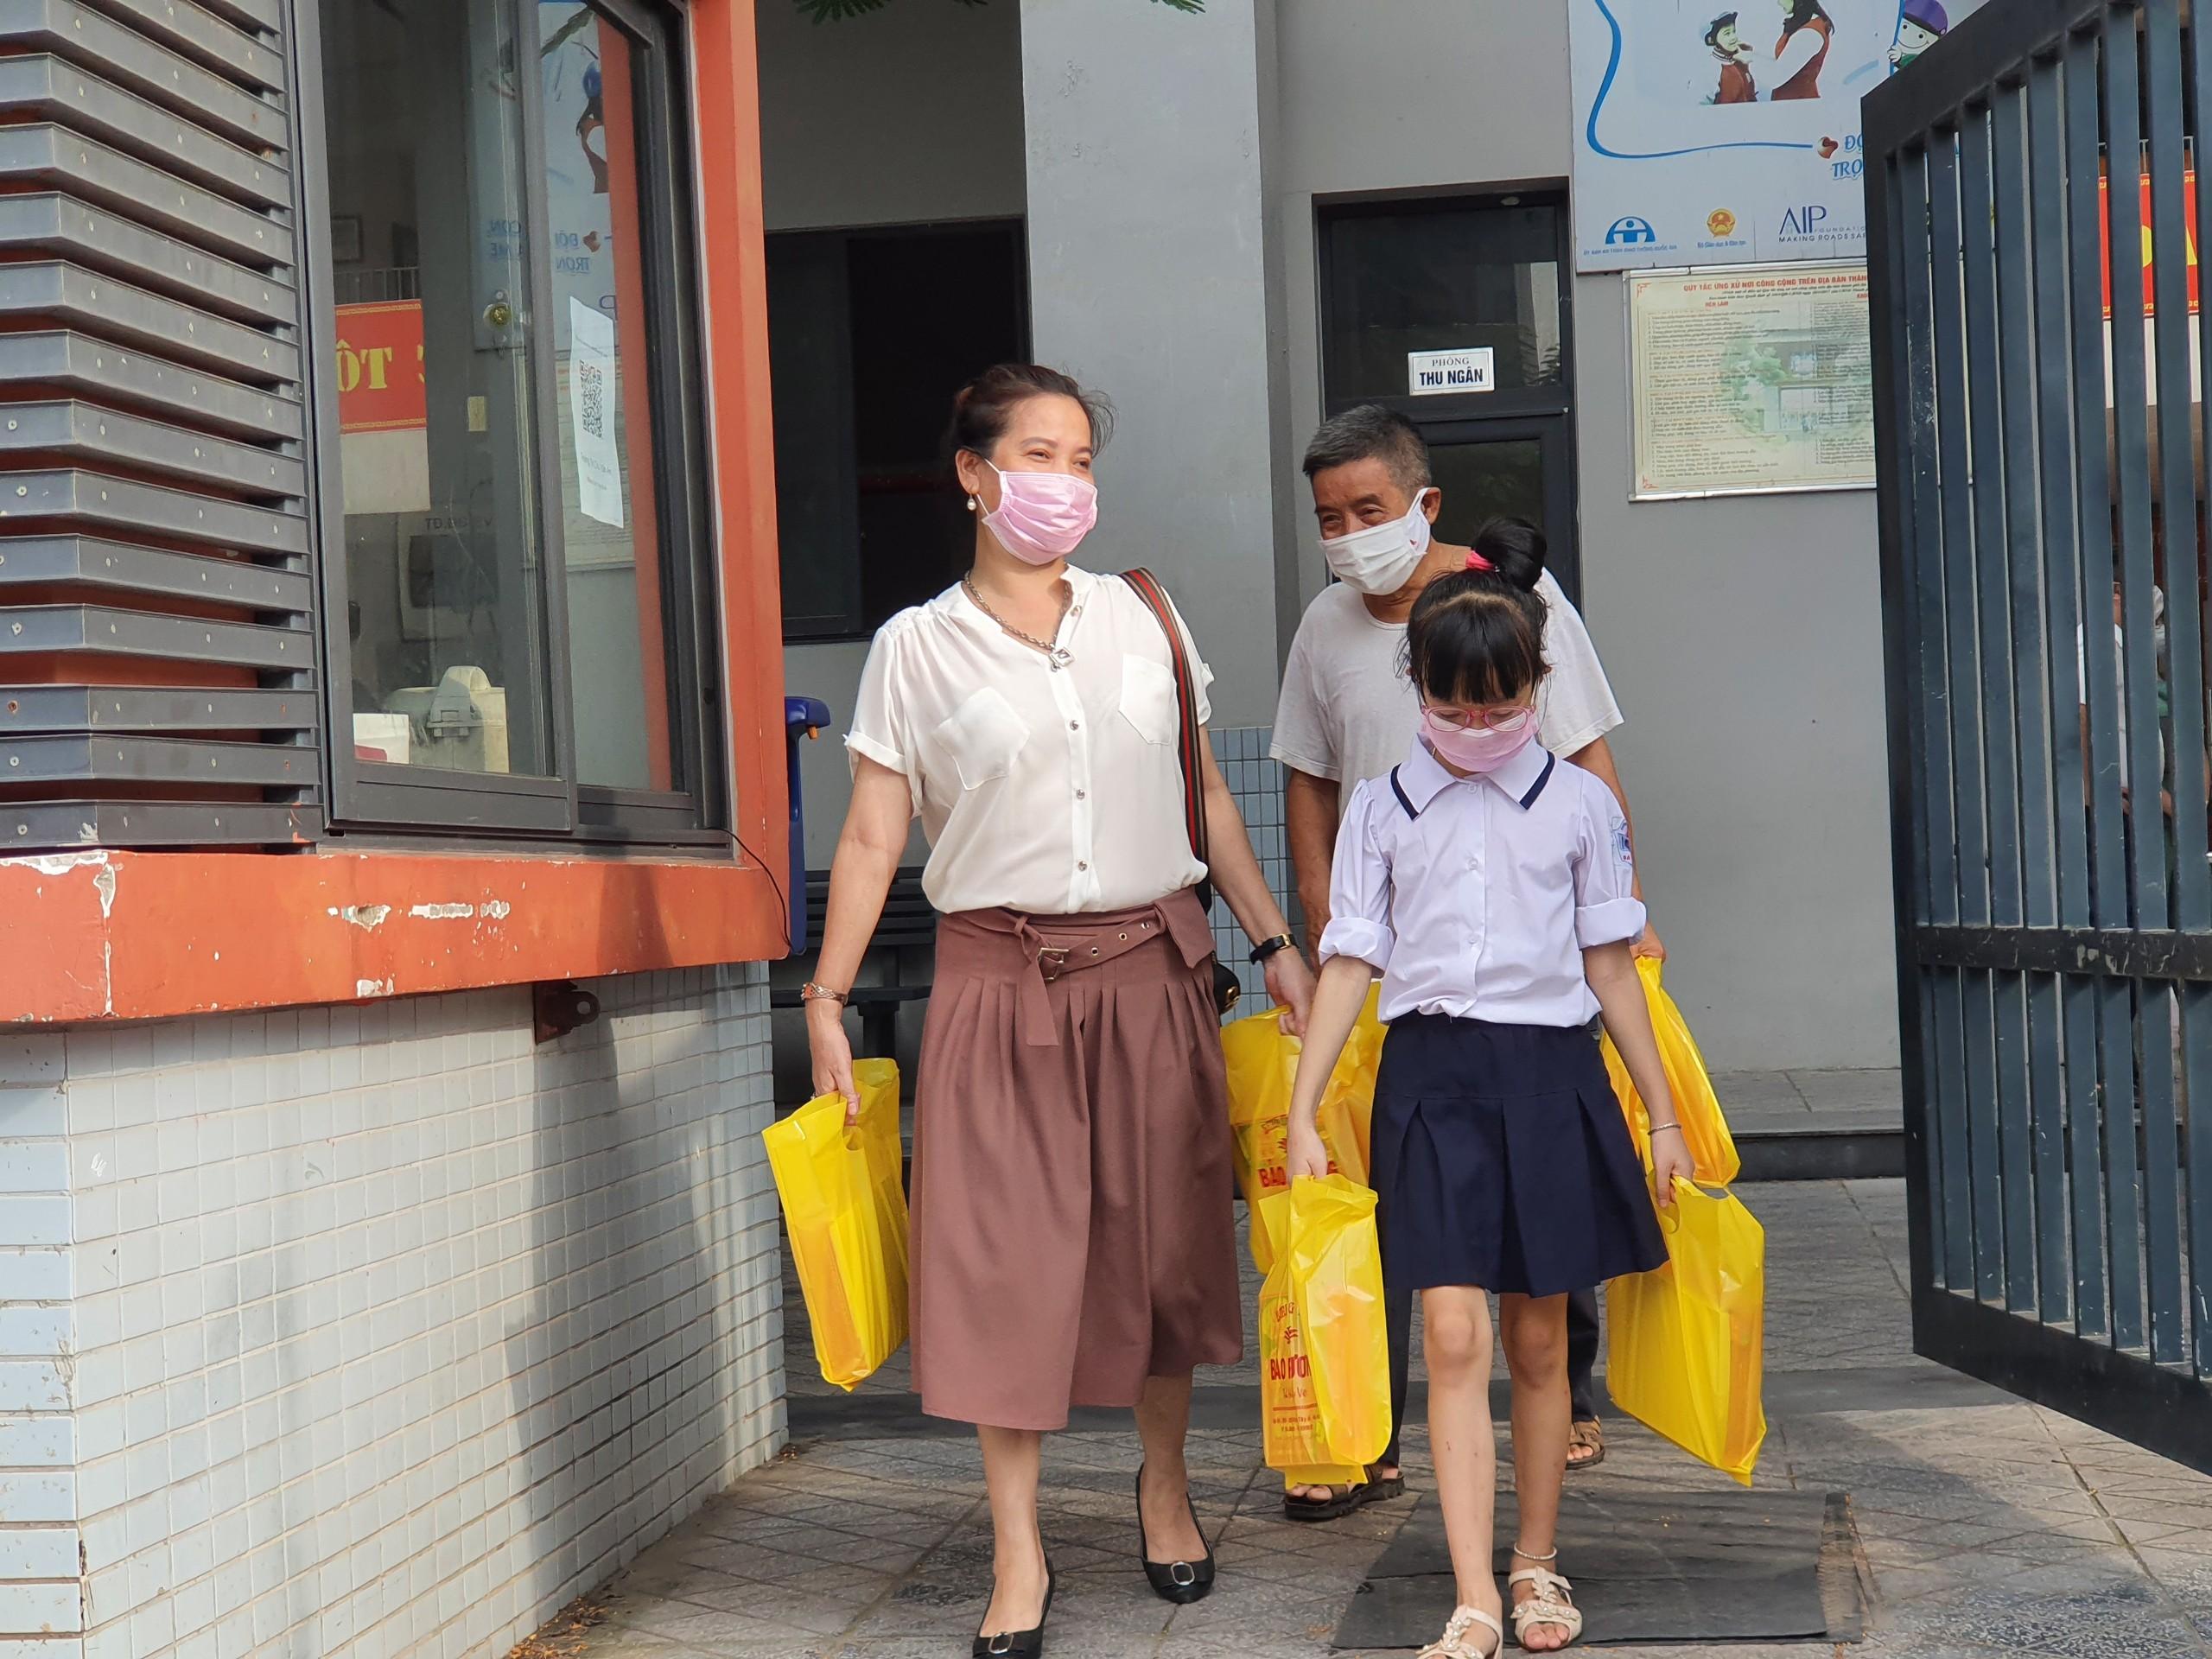 Hà Nội: Bánh trung thu truyền thống chưa 'hạ nhiệt' - Ảnh 5